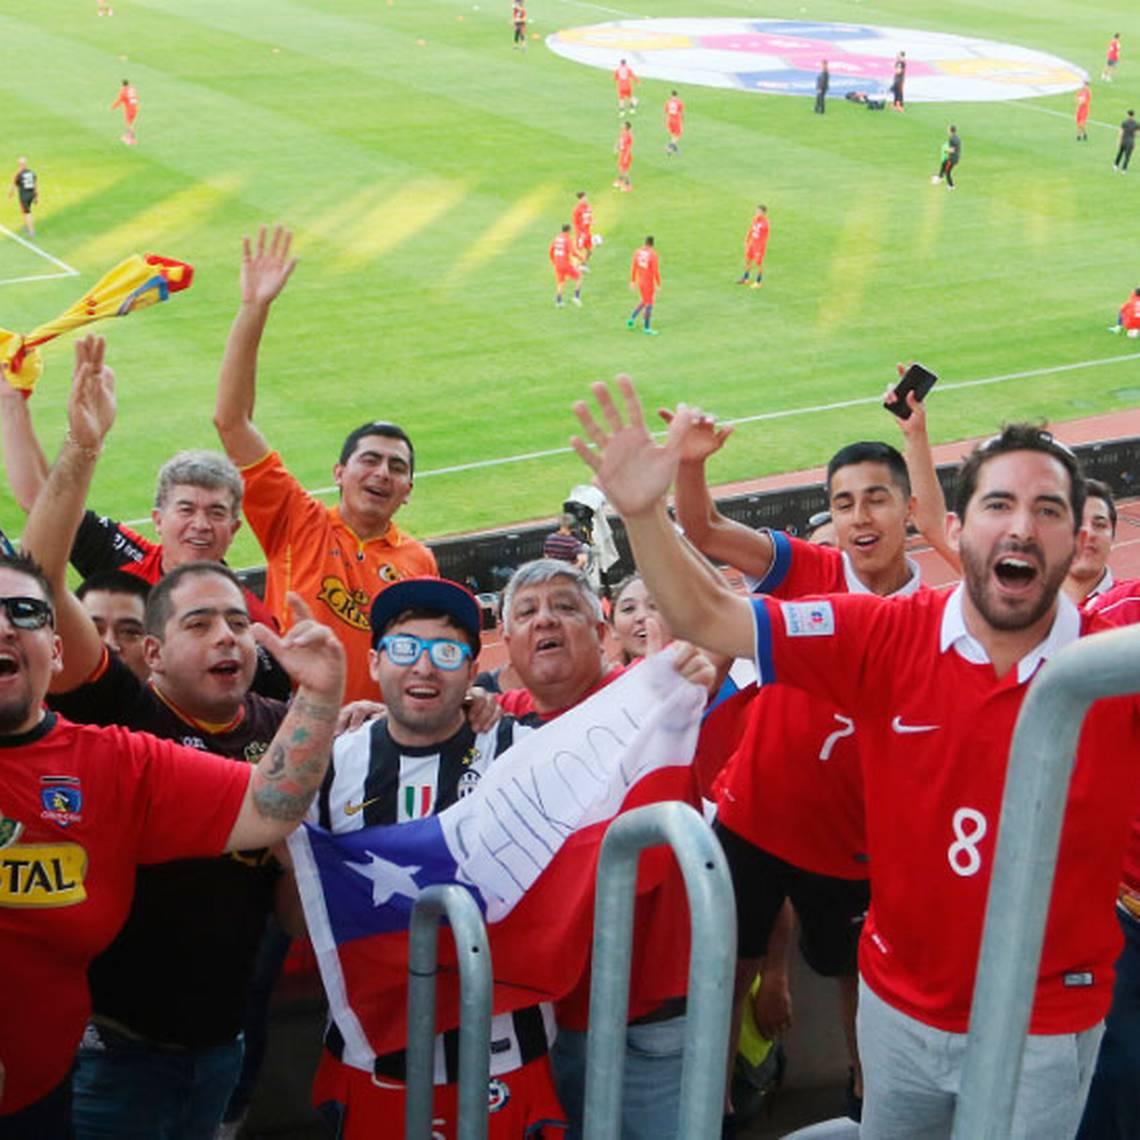 [FOTOS] La Marea Roja dijo presente en Rumania pese a derrota